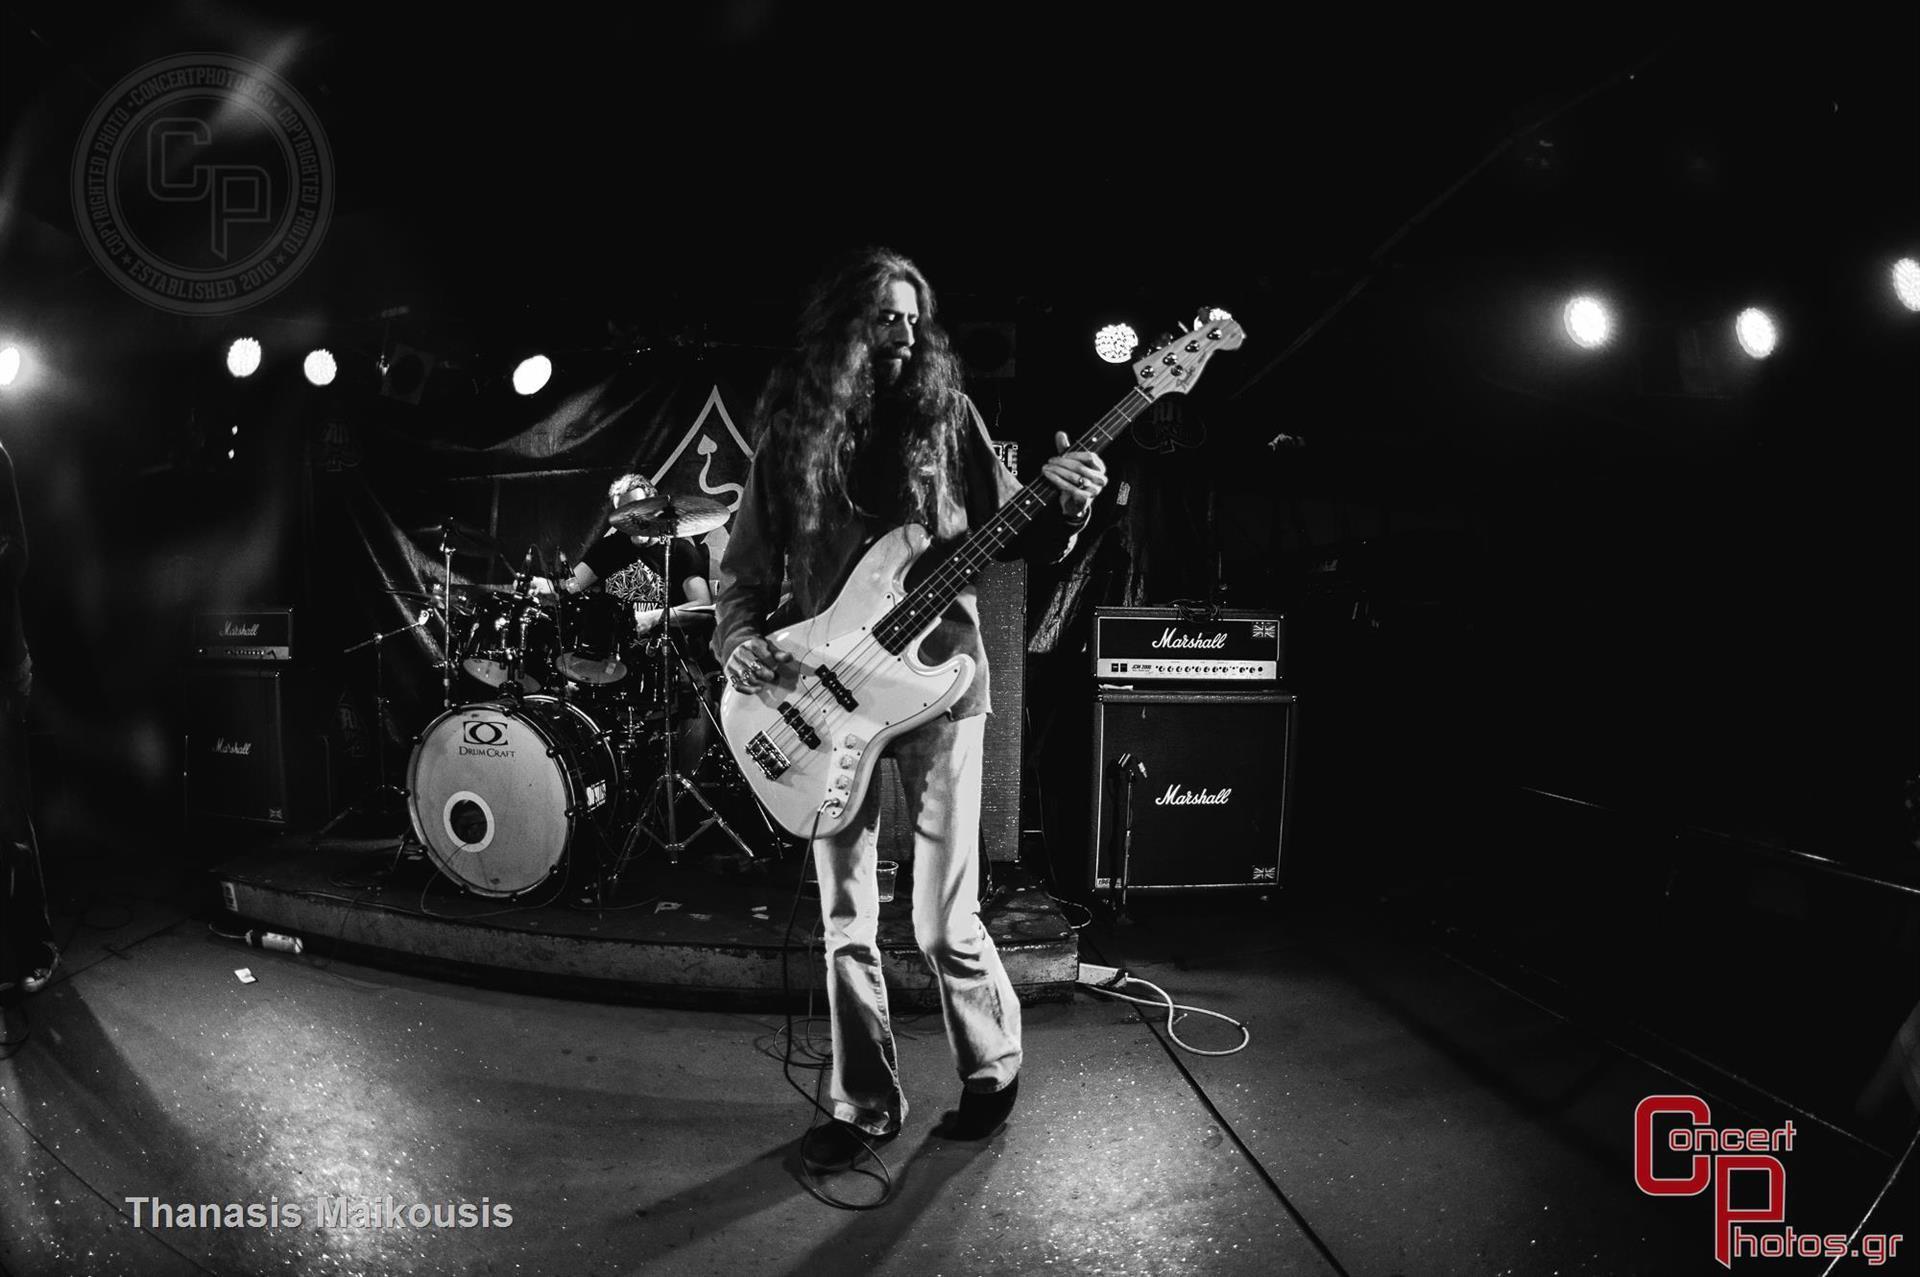 Battle Of The Bands Leg 5-Battle Of The Bands Leg 4 photographer: Thanasis Maikousis - ConcertPhotos - 20150315_2350_55